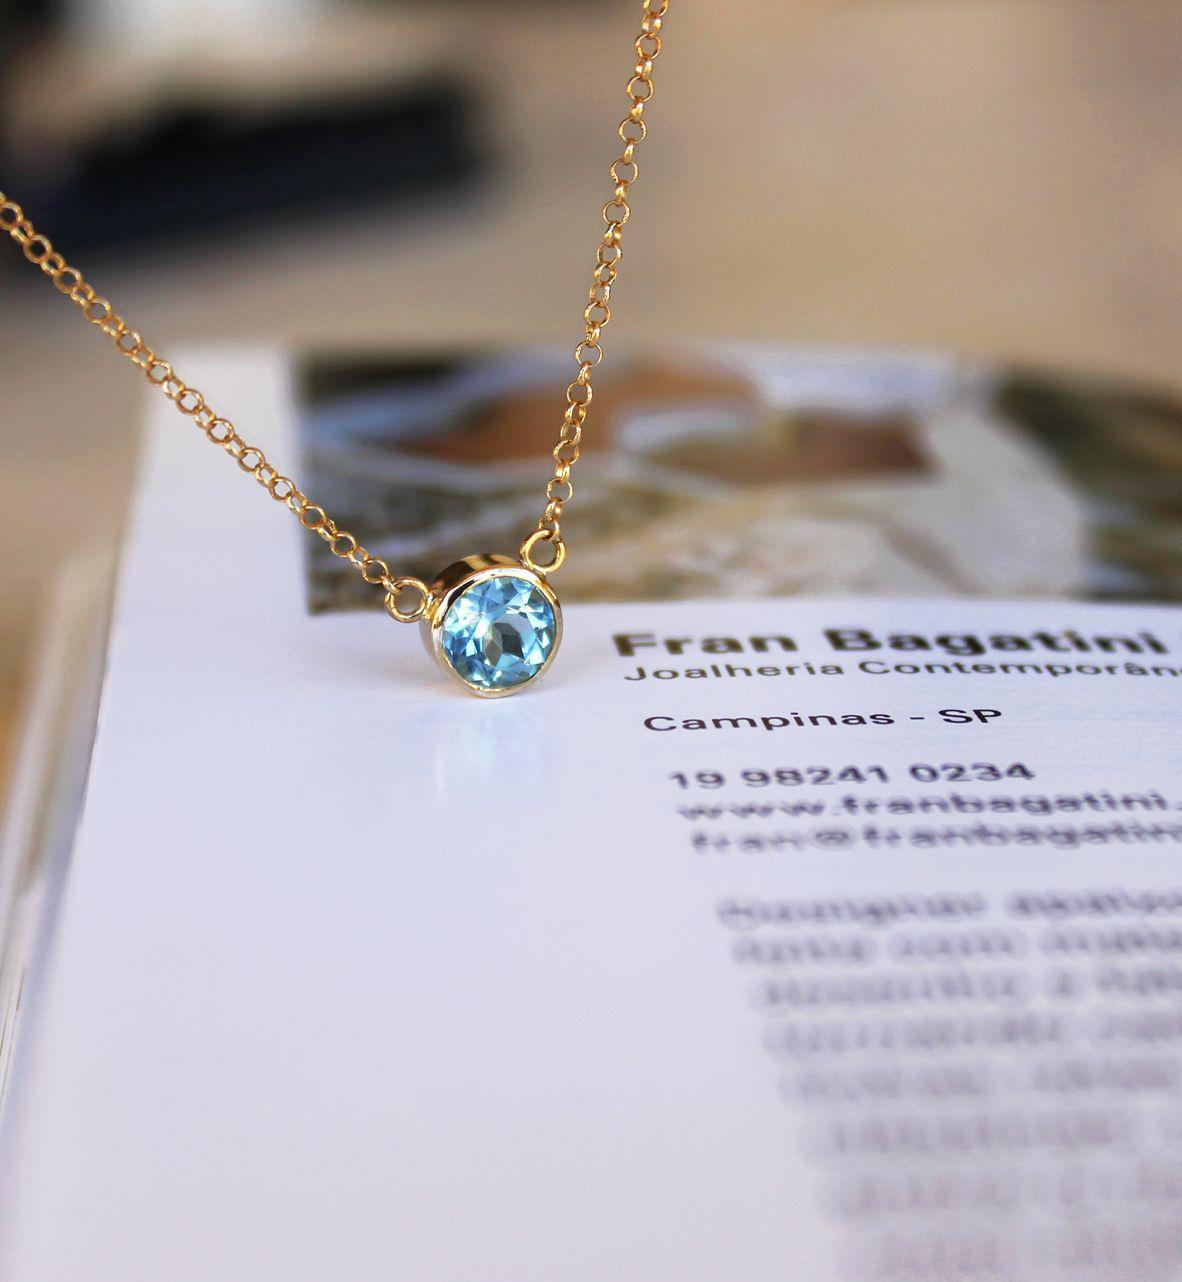 Encomenda feita com muito carinho! colar de ouro 18k com topázio azul.  www.franbagatini.com.br  handmade  jewelry  necklace  topazio  gold   wedding   ... 5c160819e5